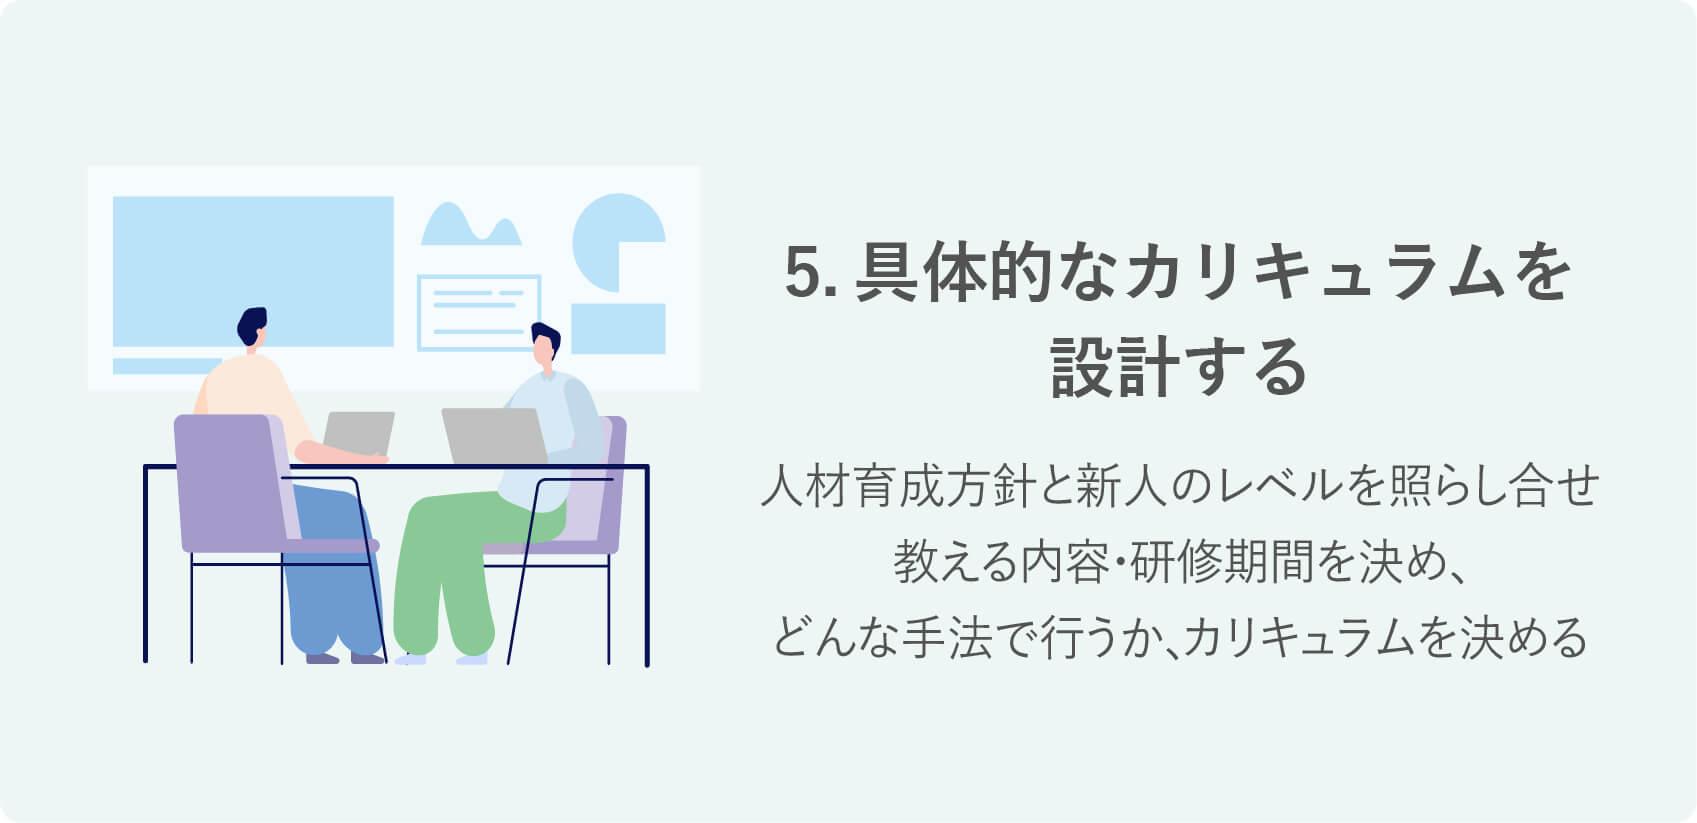 新人研修カリキュラムの作り方5